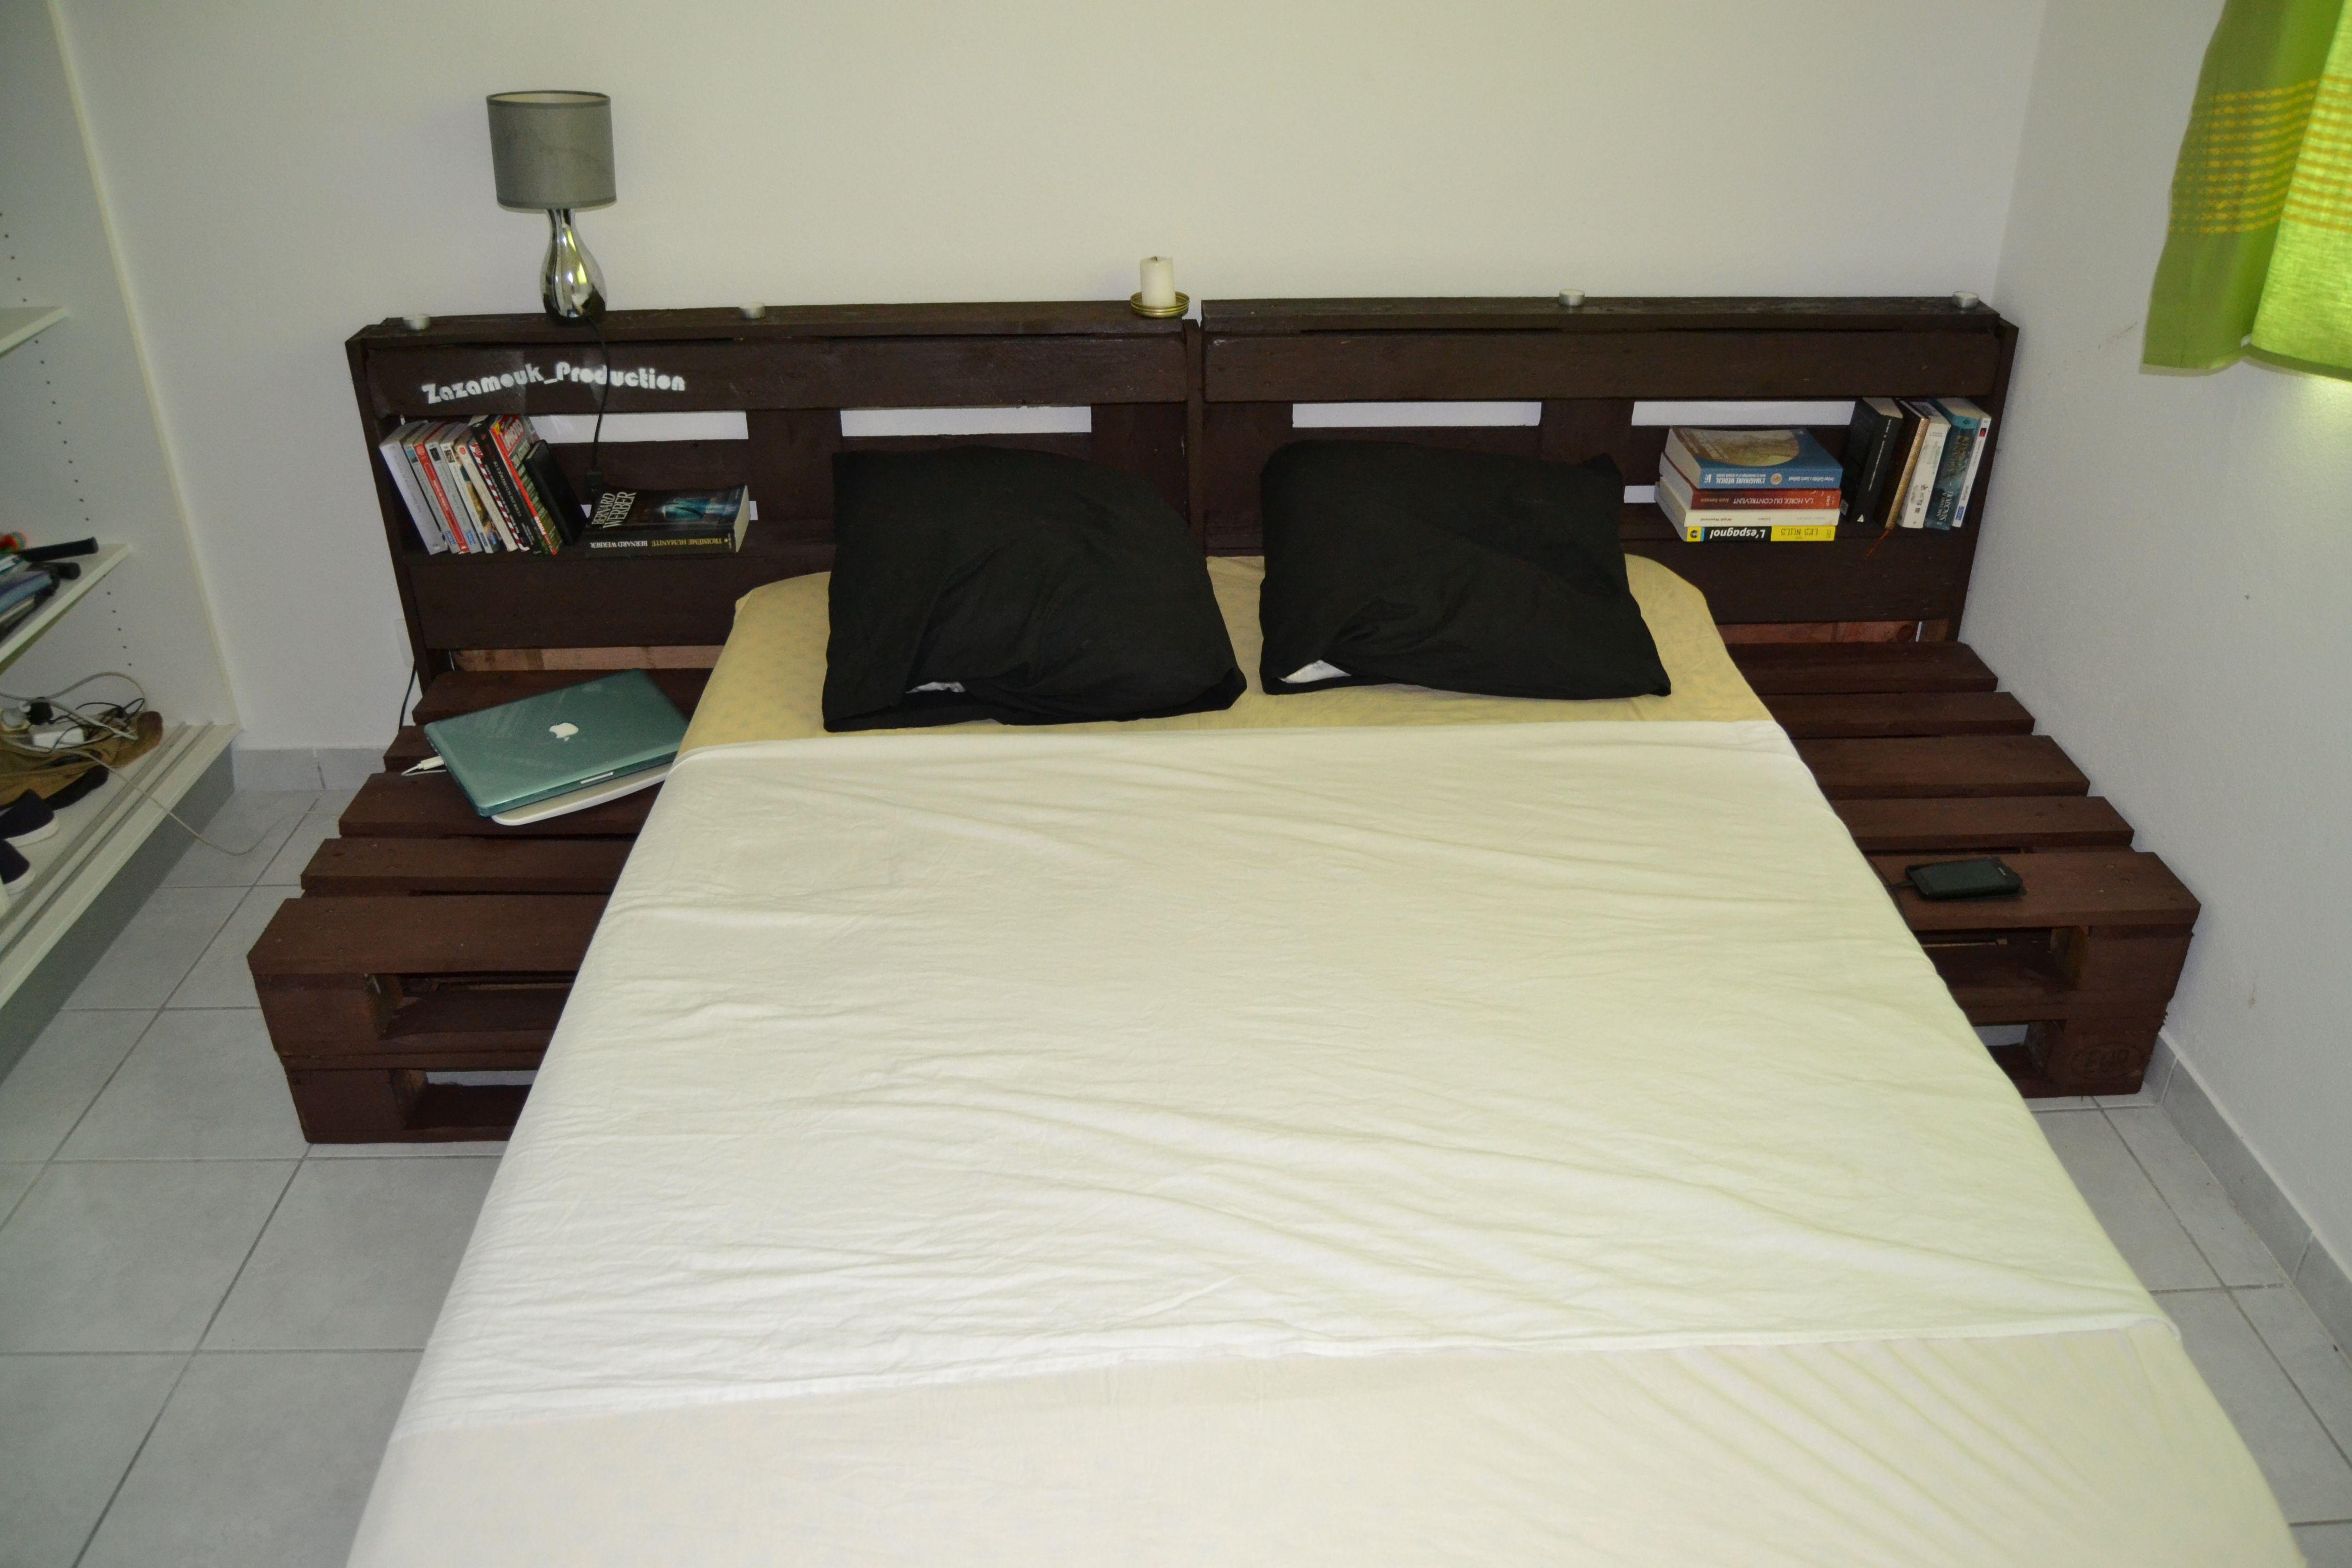 lit en palette id es t te de lit pinterest lit en palette lit et palette. Black Bedroom Furniture Sets. Home Design Ideas